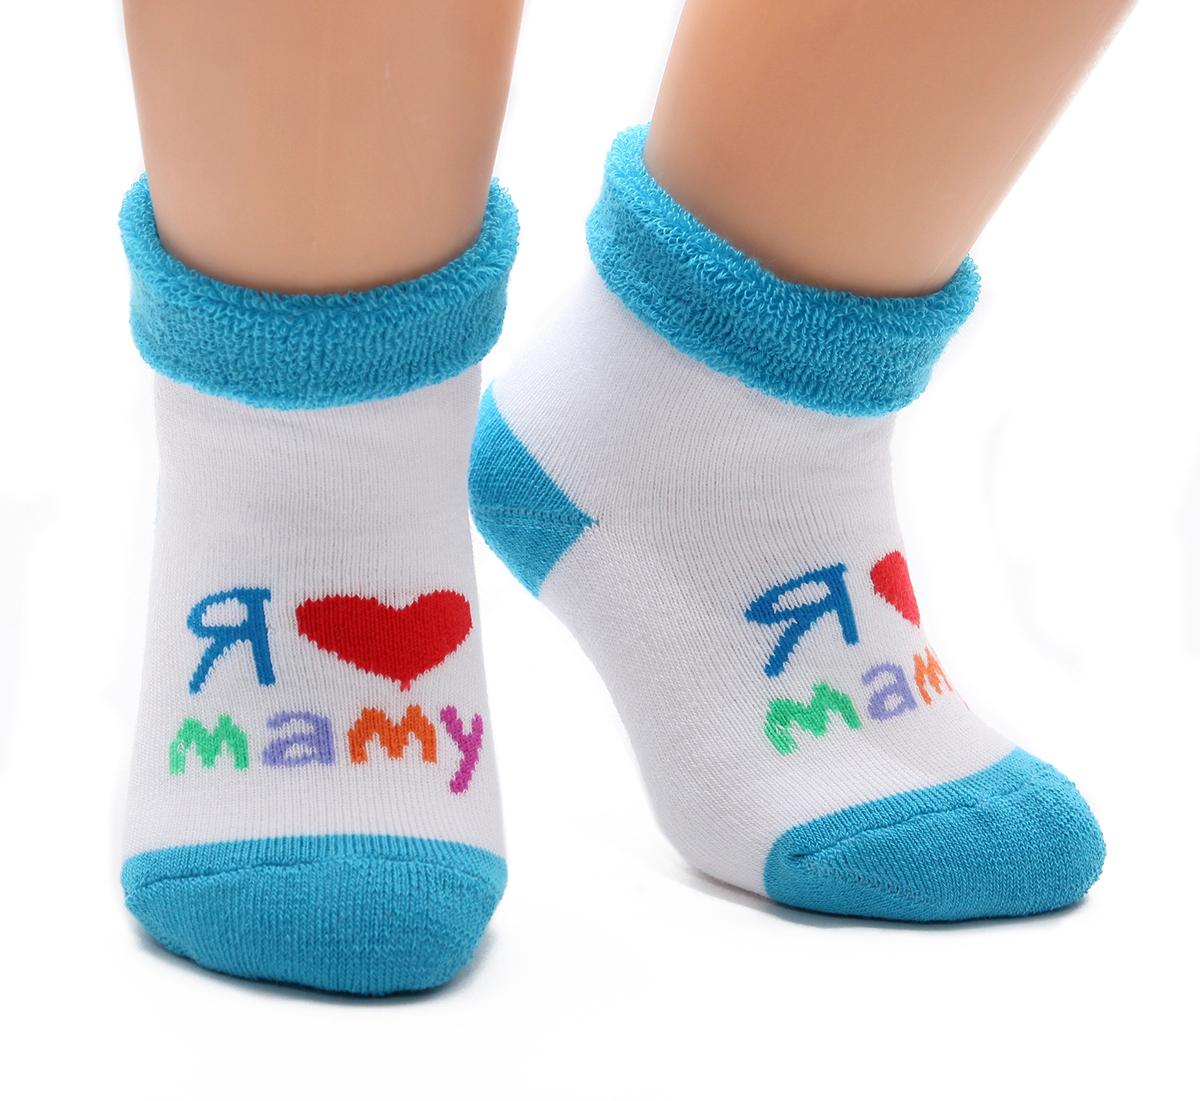 Носки детские Touch Gold, цвет: белый, синий. 126. Размер 0-12 месяцев126Махровые детские носочки изготовлены из высококачественного хлопка. Мягкая широкая резинка, не перетягивает ножку.